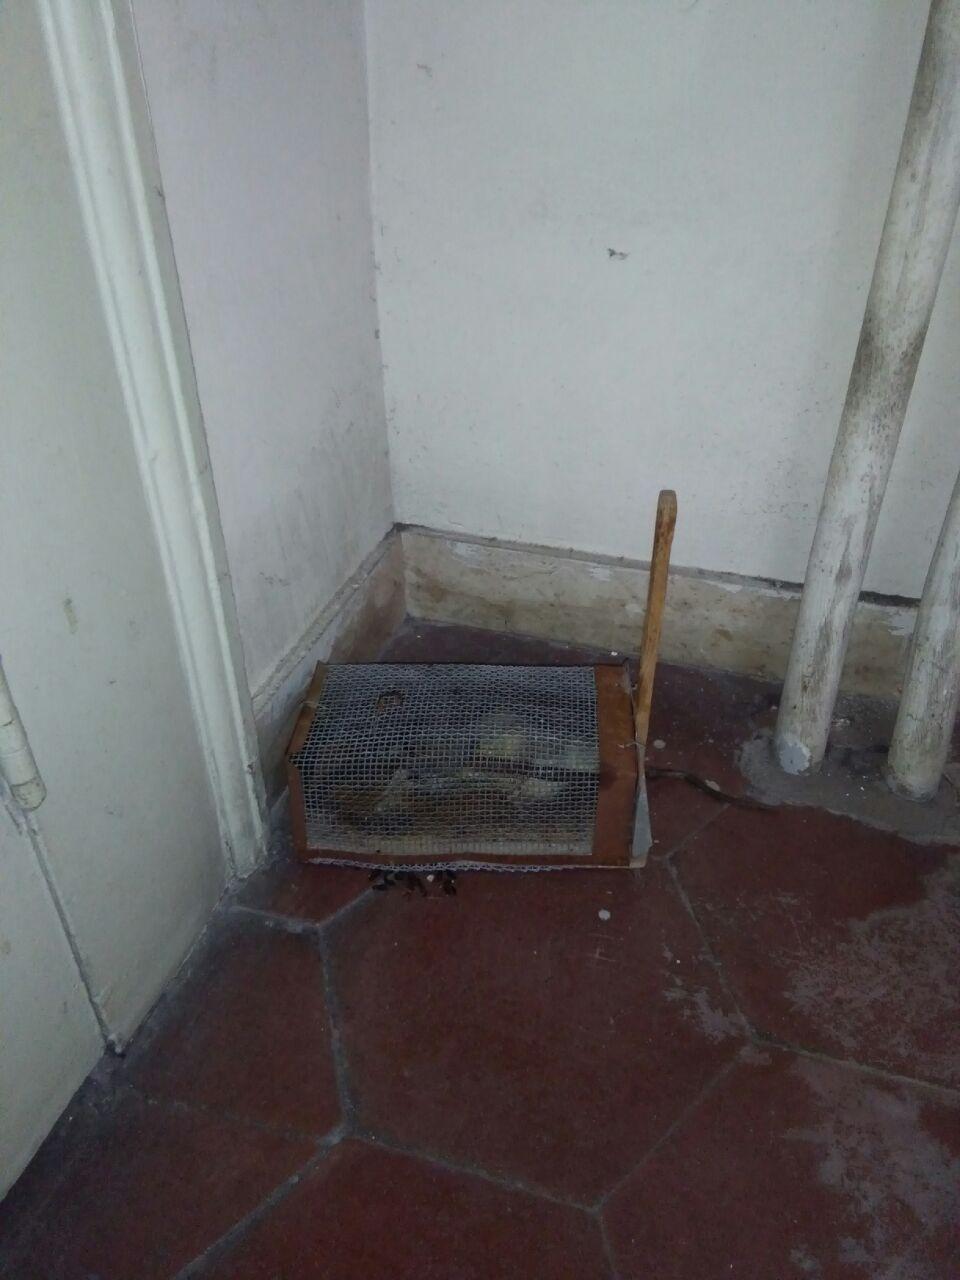 """Messina: topi e blatte negli uffici dei Beni culturali. Fp Cgil chiede ad Asp ispezione. Crocè: """"Situazione igienico- sanitaria insostenibile"""""""